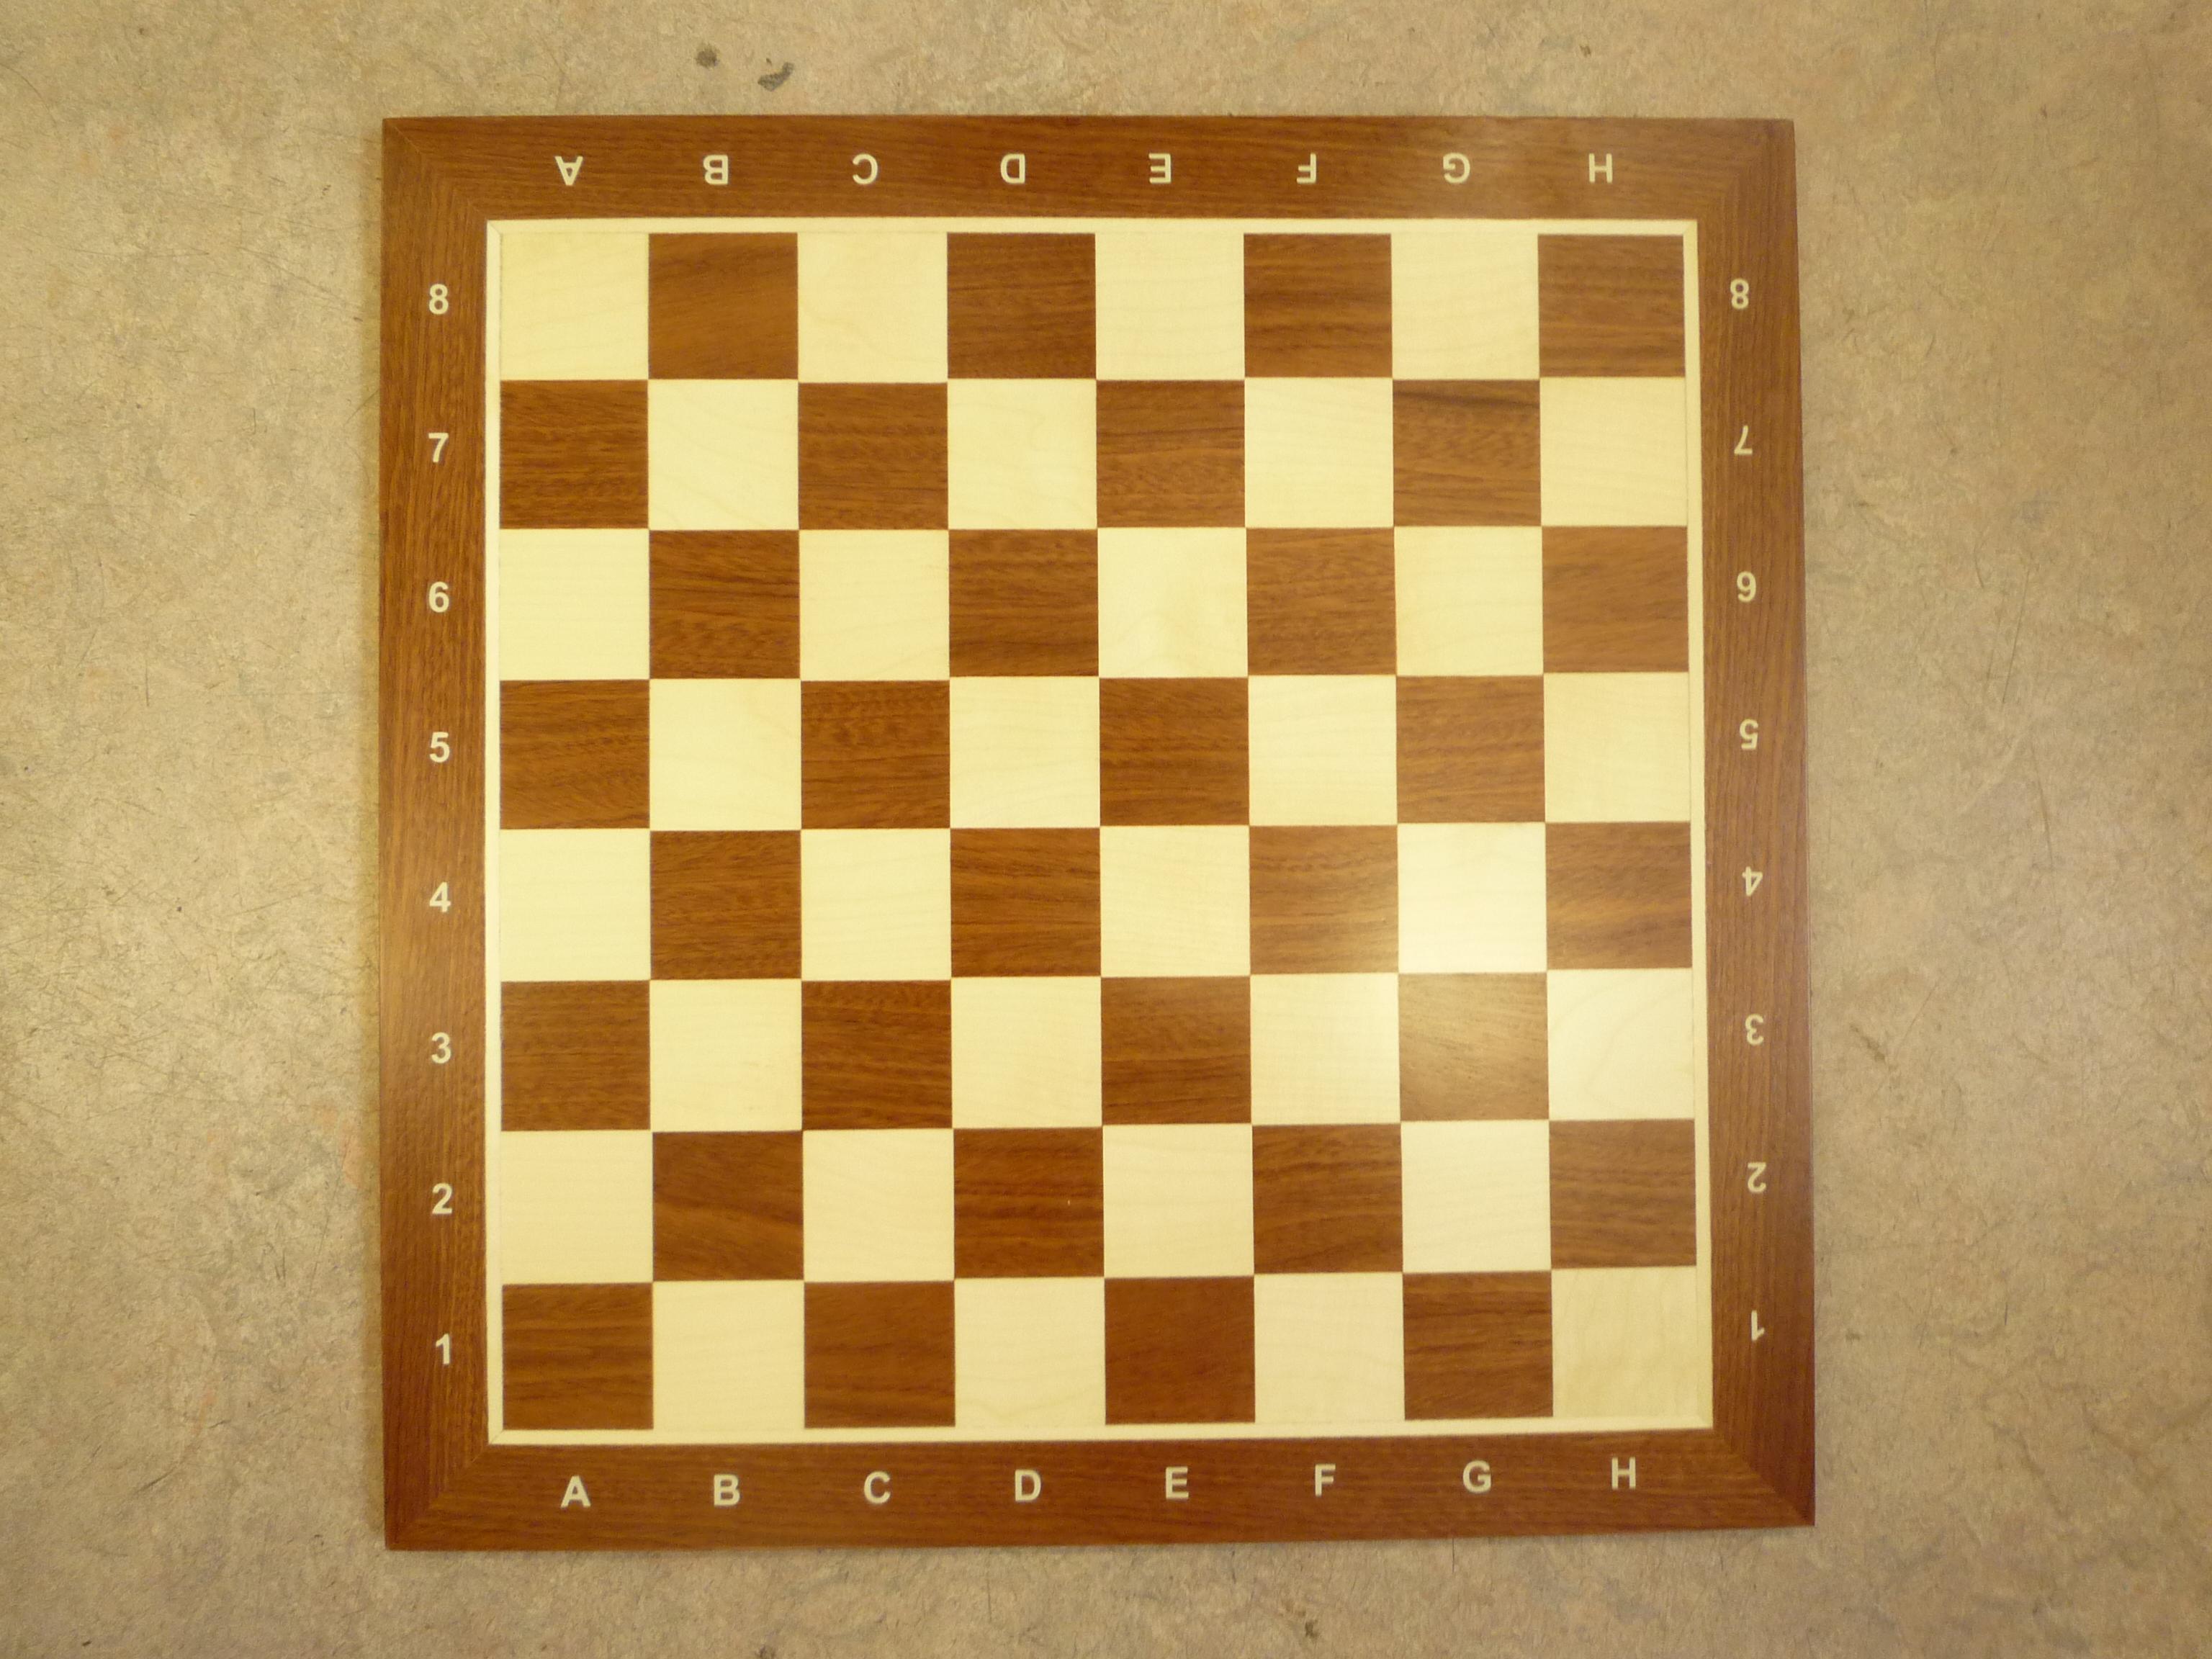 wedstrijd schaakbord